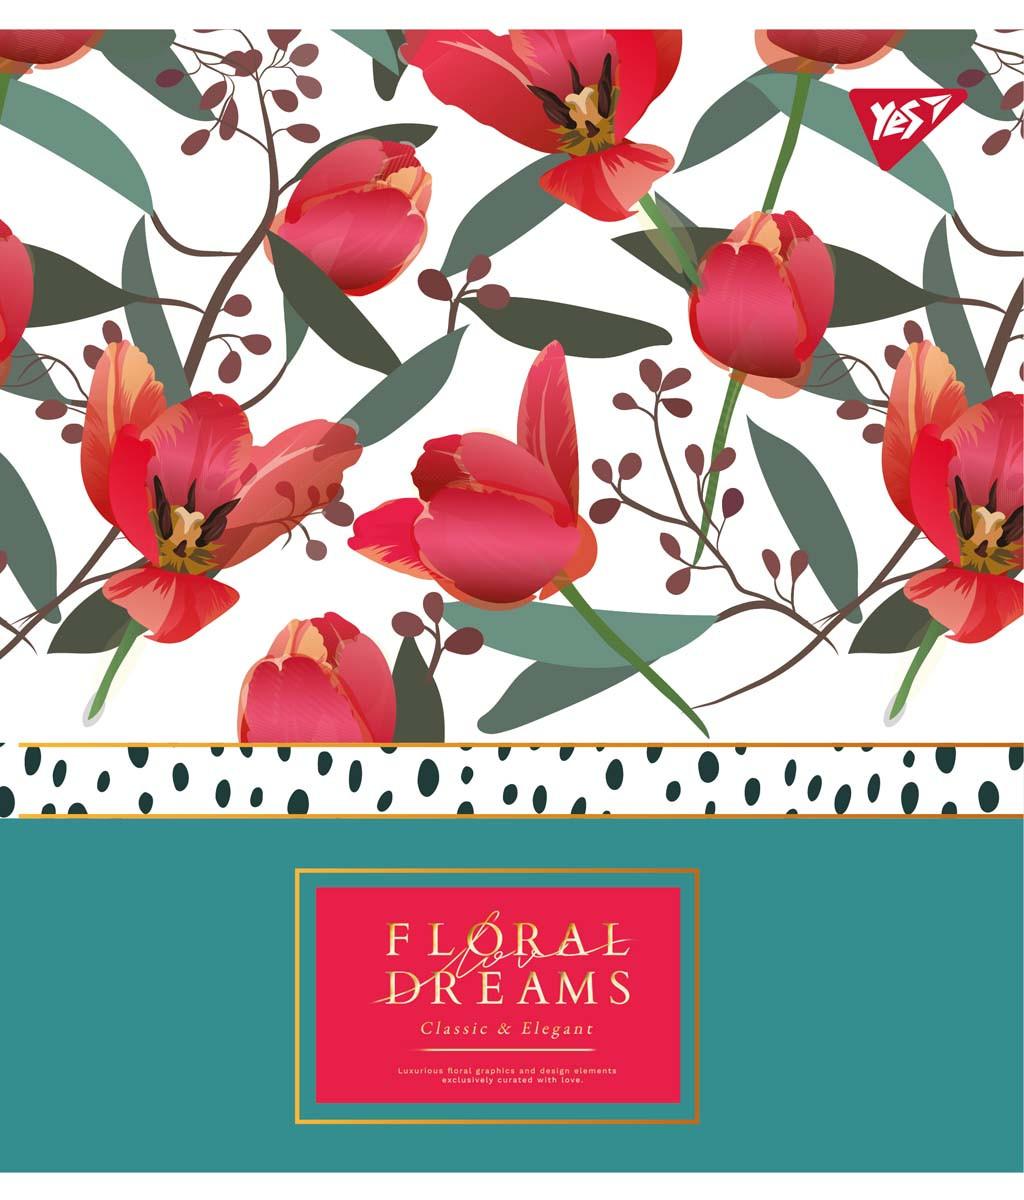 """Зошит для записів А5/48 лін. YES """"Floral dreams"""" фольга золото+софт-тач+УФ-виб., 5 шт/уп."""